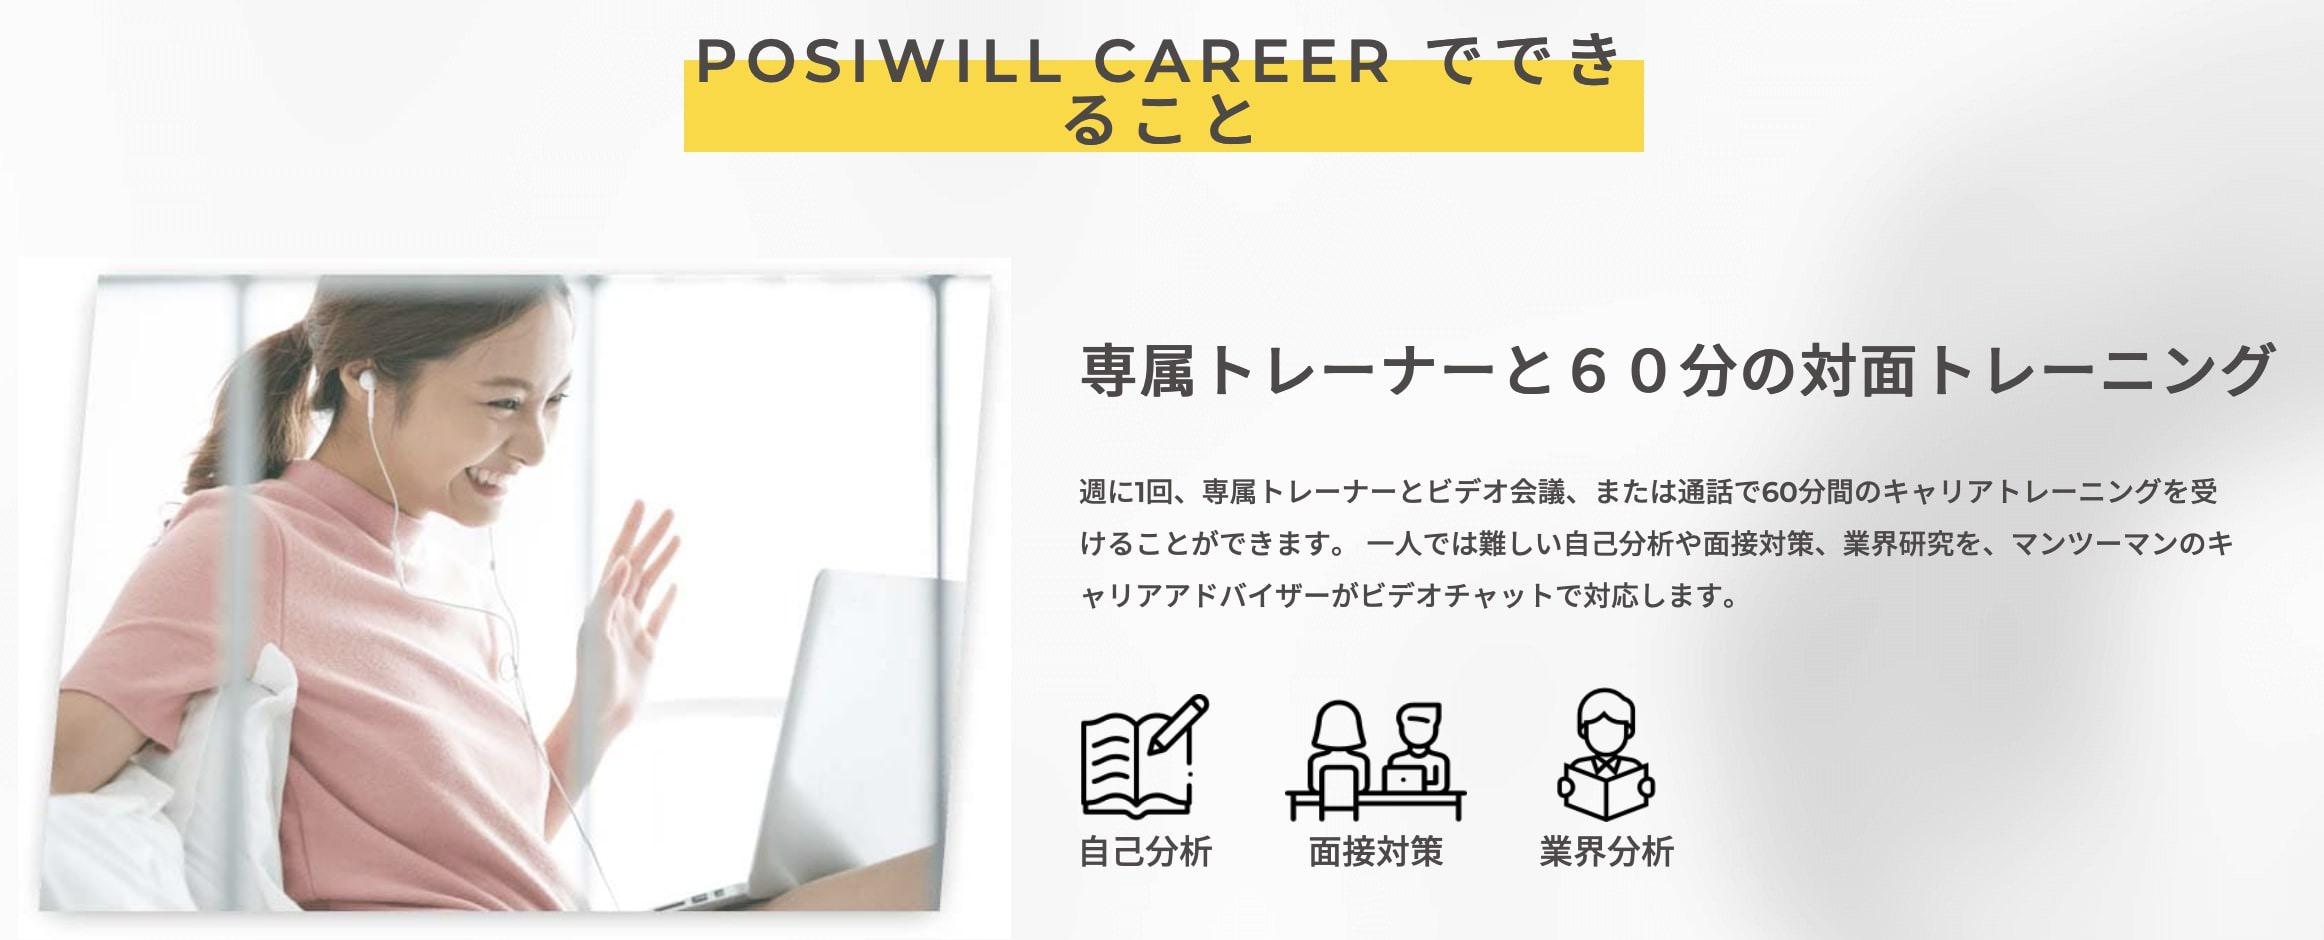 POSIWILL CAREER(旧:ゲキサポ!キャリア)のサービス